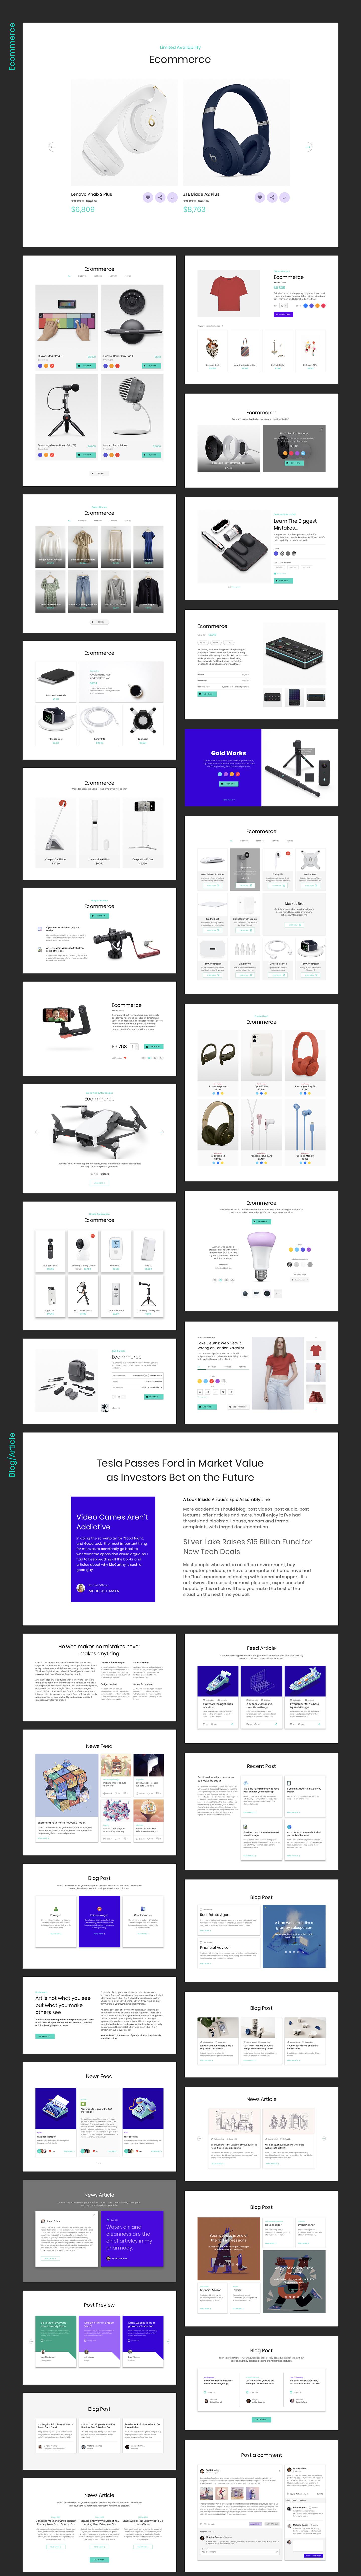 Ataman UI Kit - Templates For Website [Figma] - 5